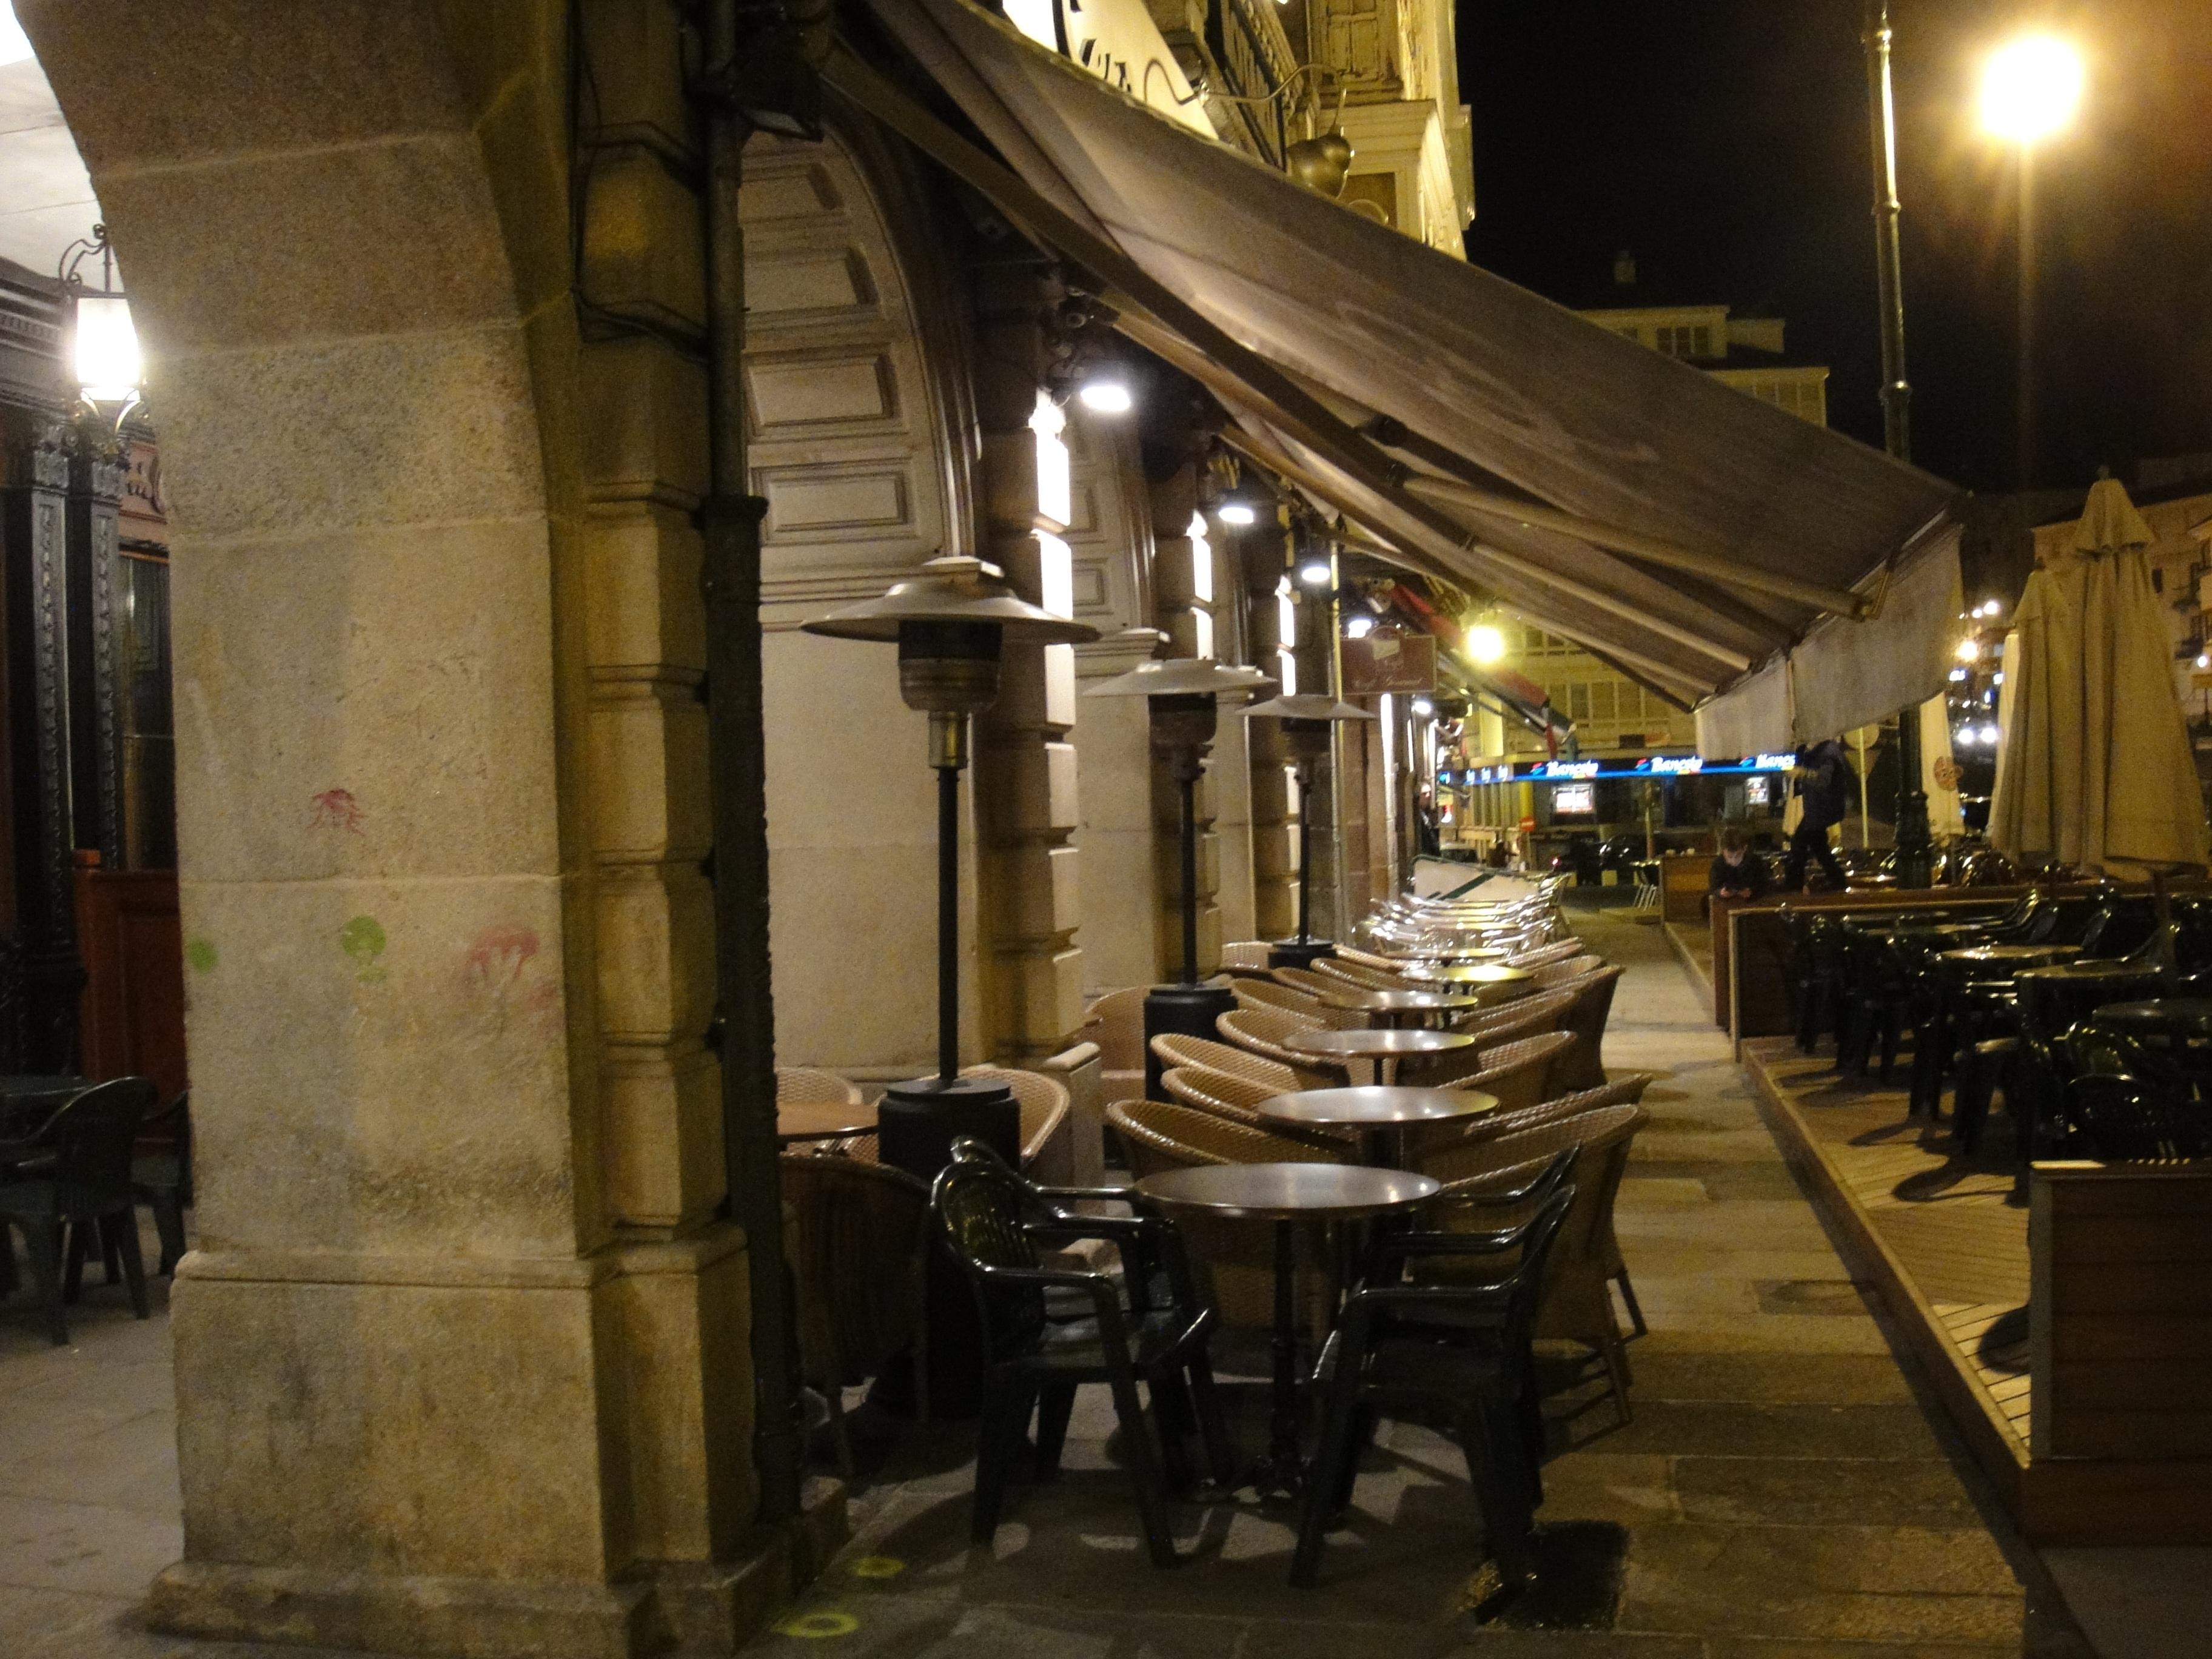 restaurante bar iluminacin diseo de interiores barras arcadas betanzos